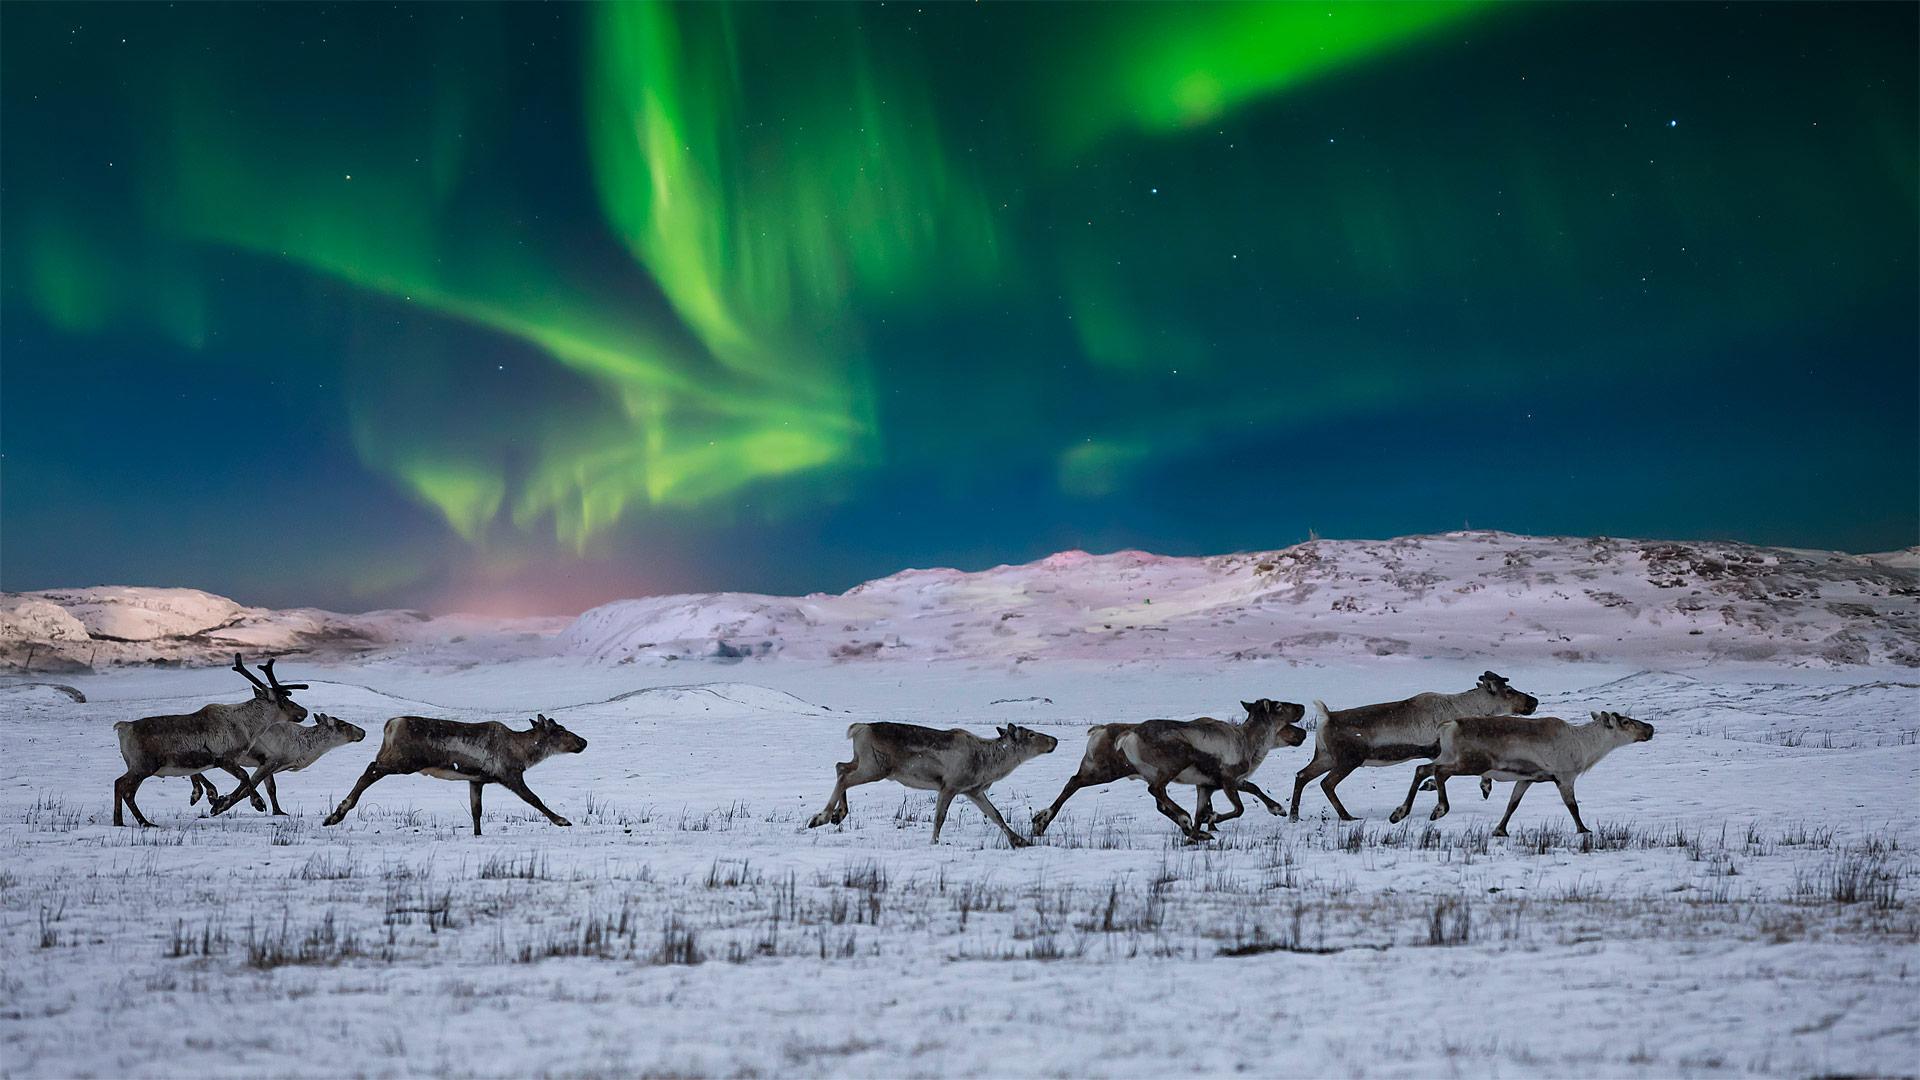 挪威苔原上的北极光和野生驯鹿